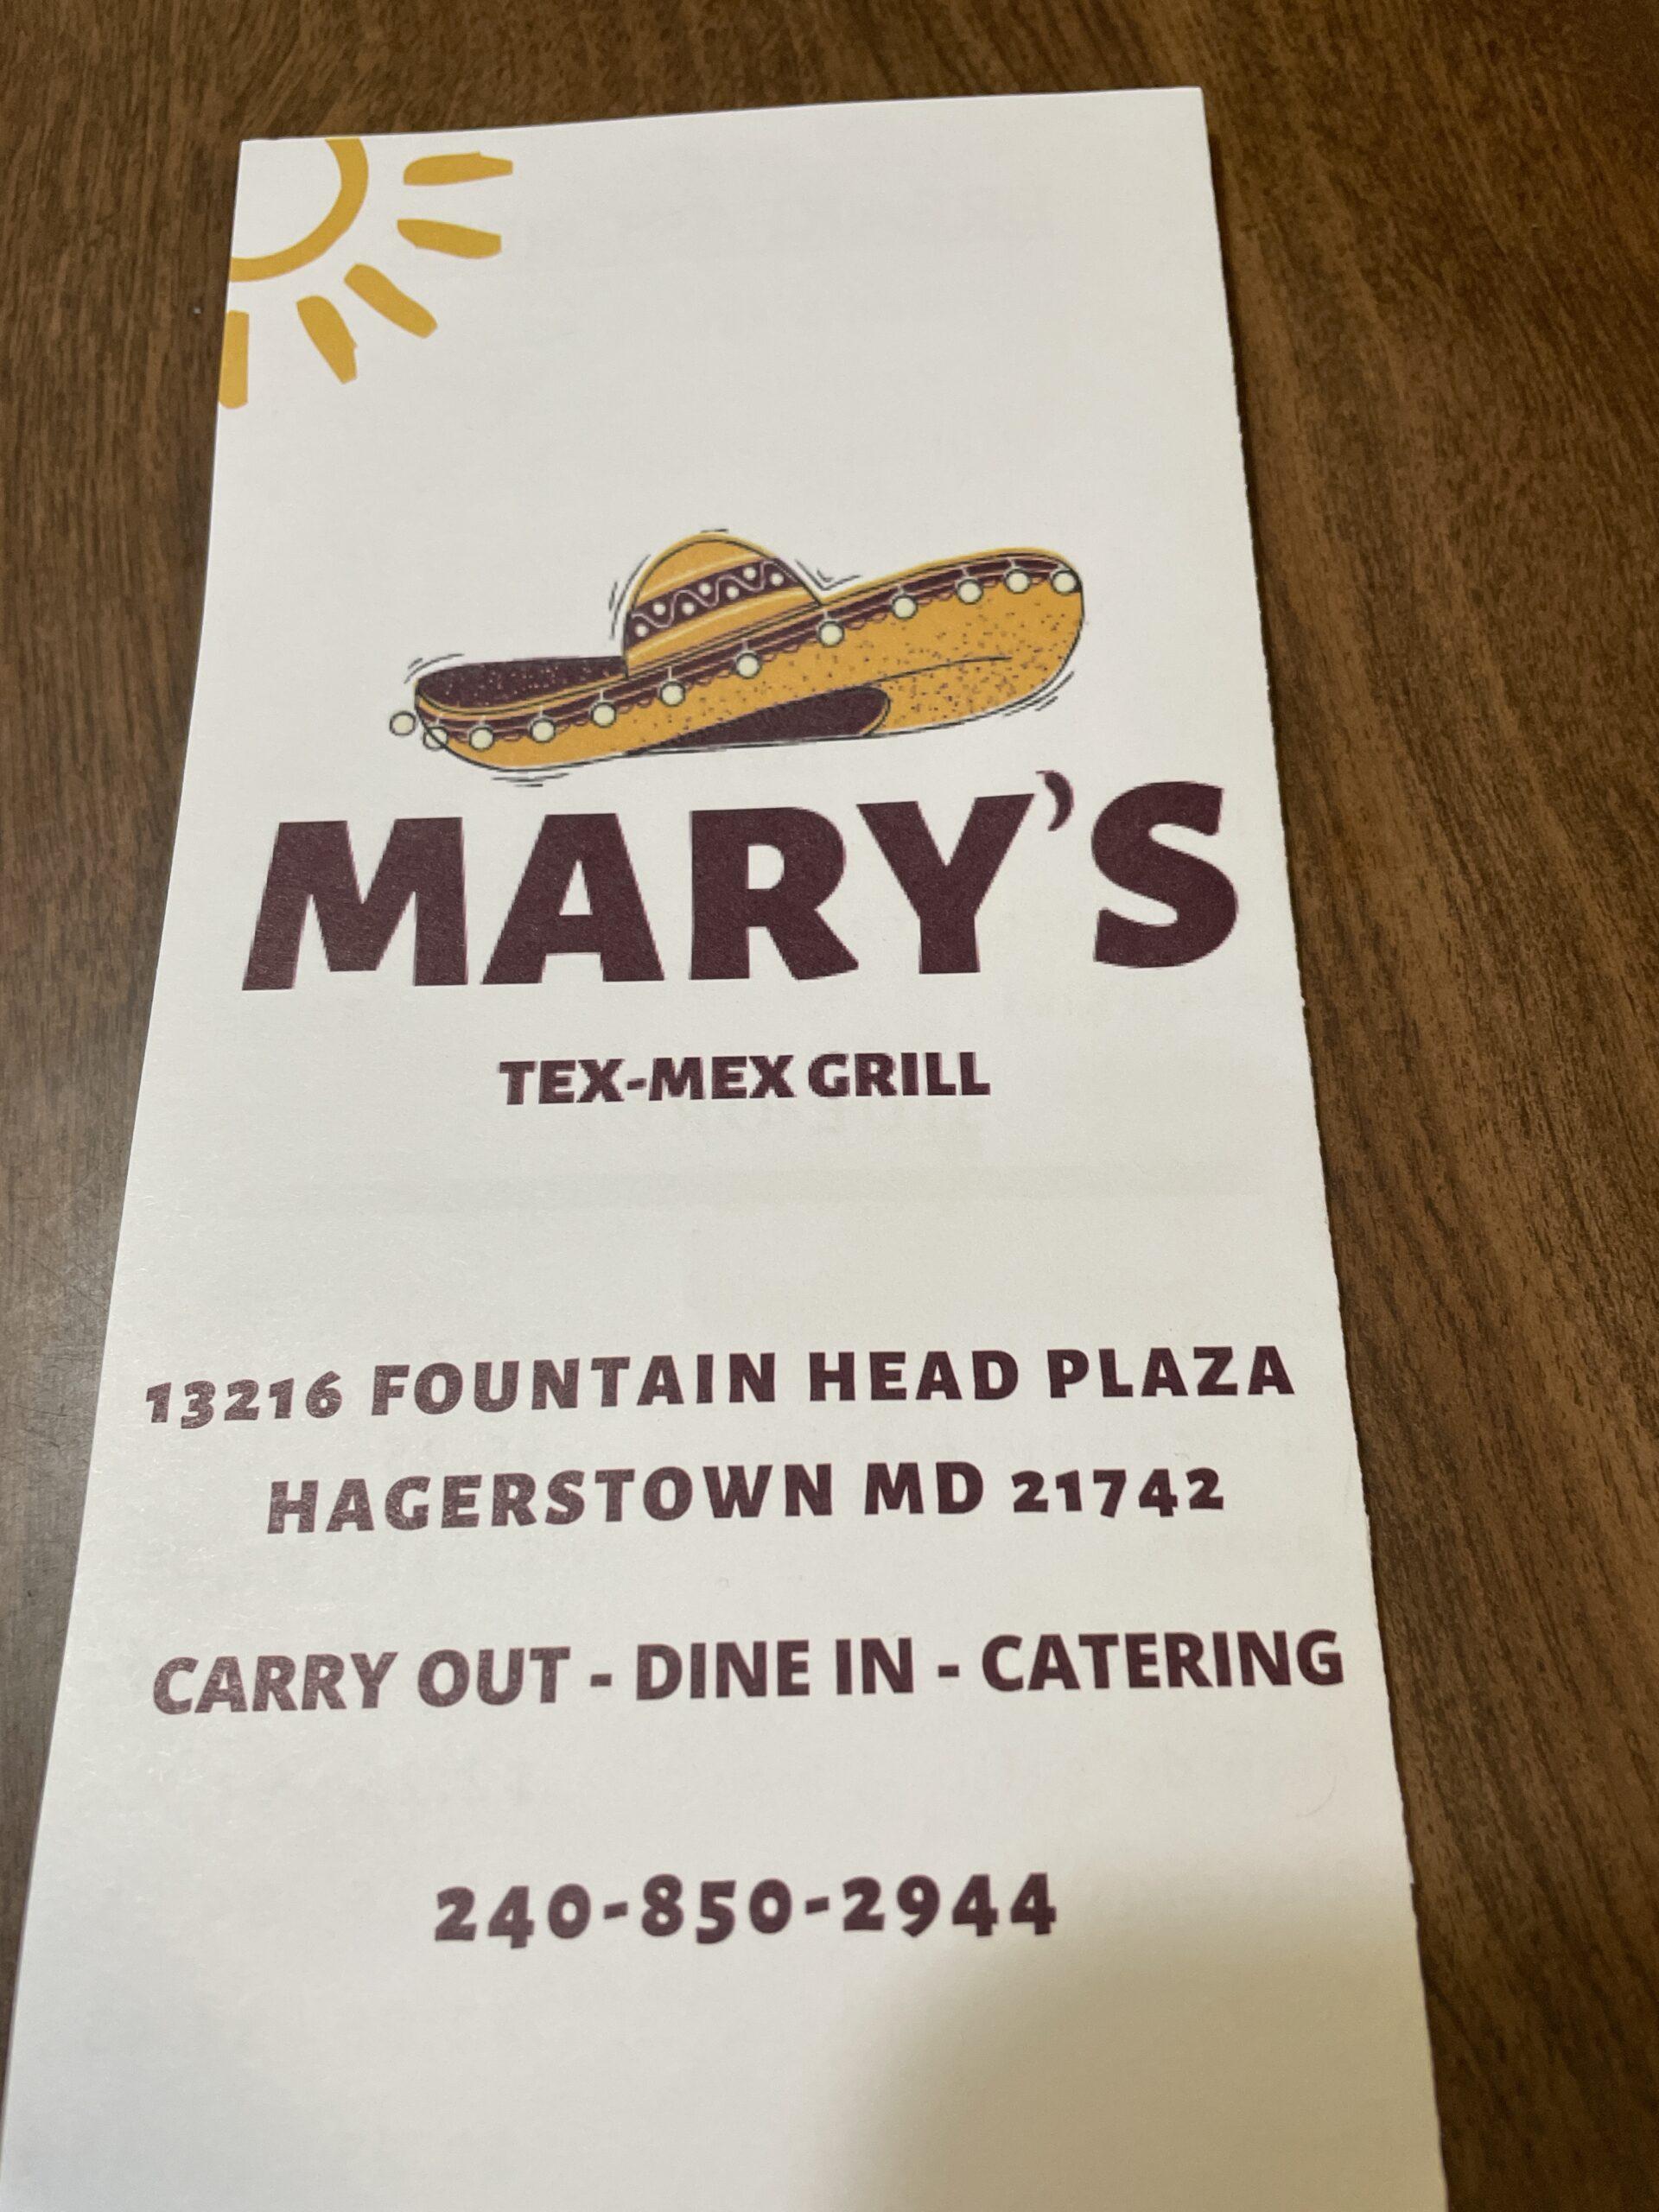 Mary's Tex-Mex Grill